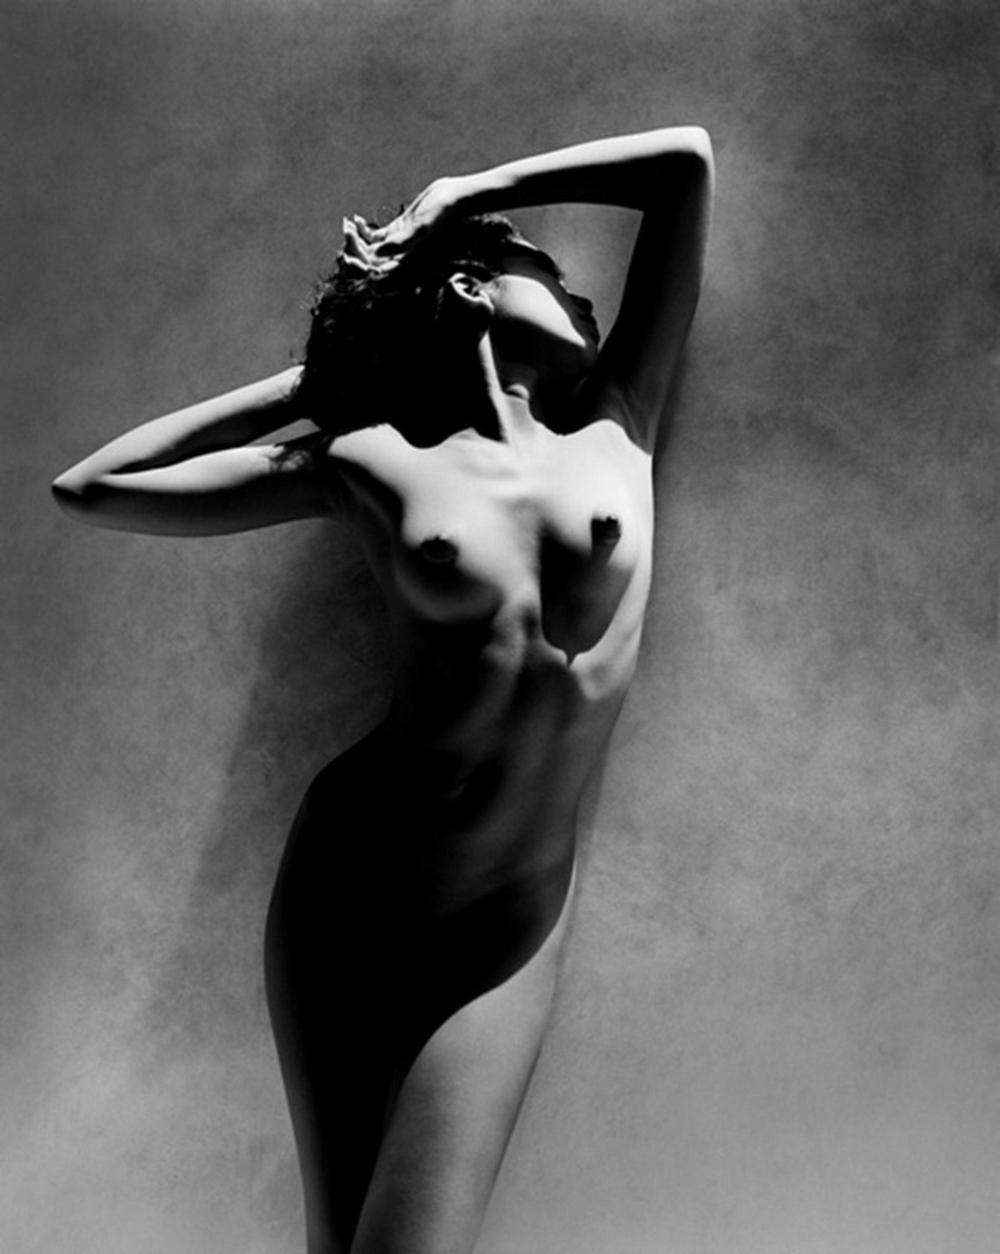 Грег Горман один из лучших в съёмке портретов знаменитостей и непревзойдённый мастер мужского ню 8